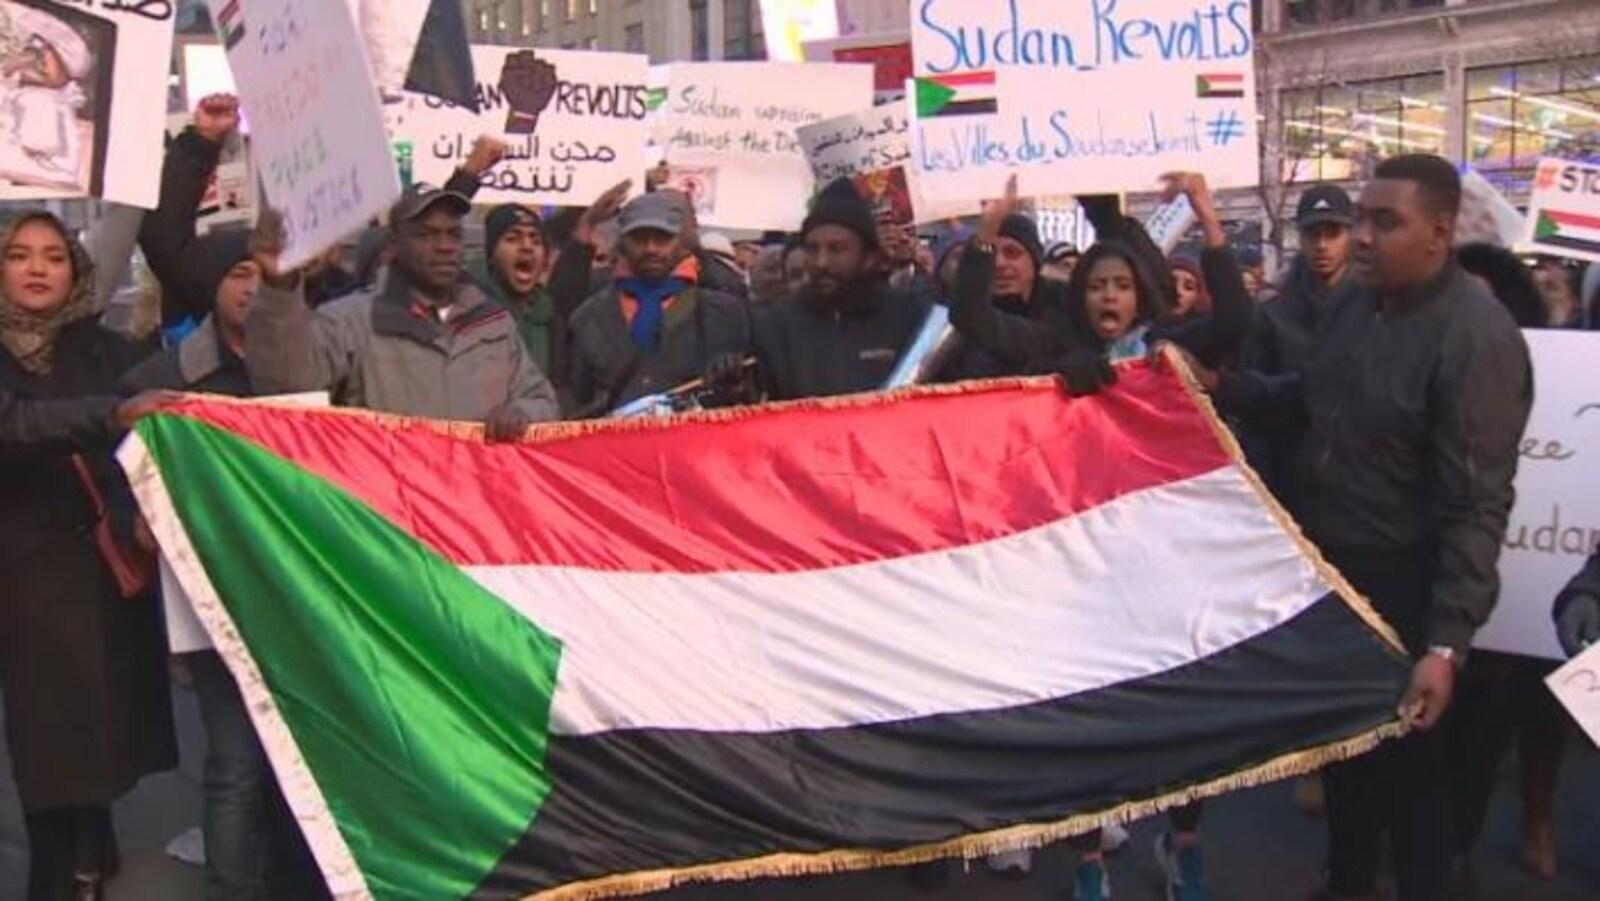 Les manifestants demandent au président soudanais, Omar El-Béchir, de se retirer.